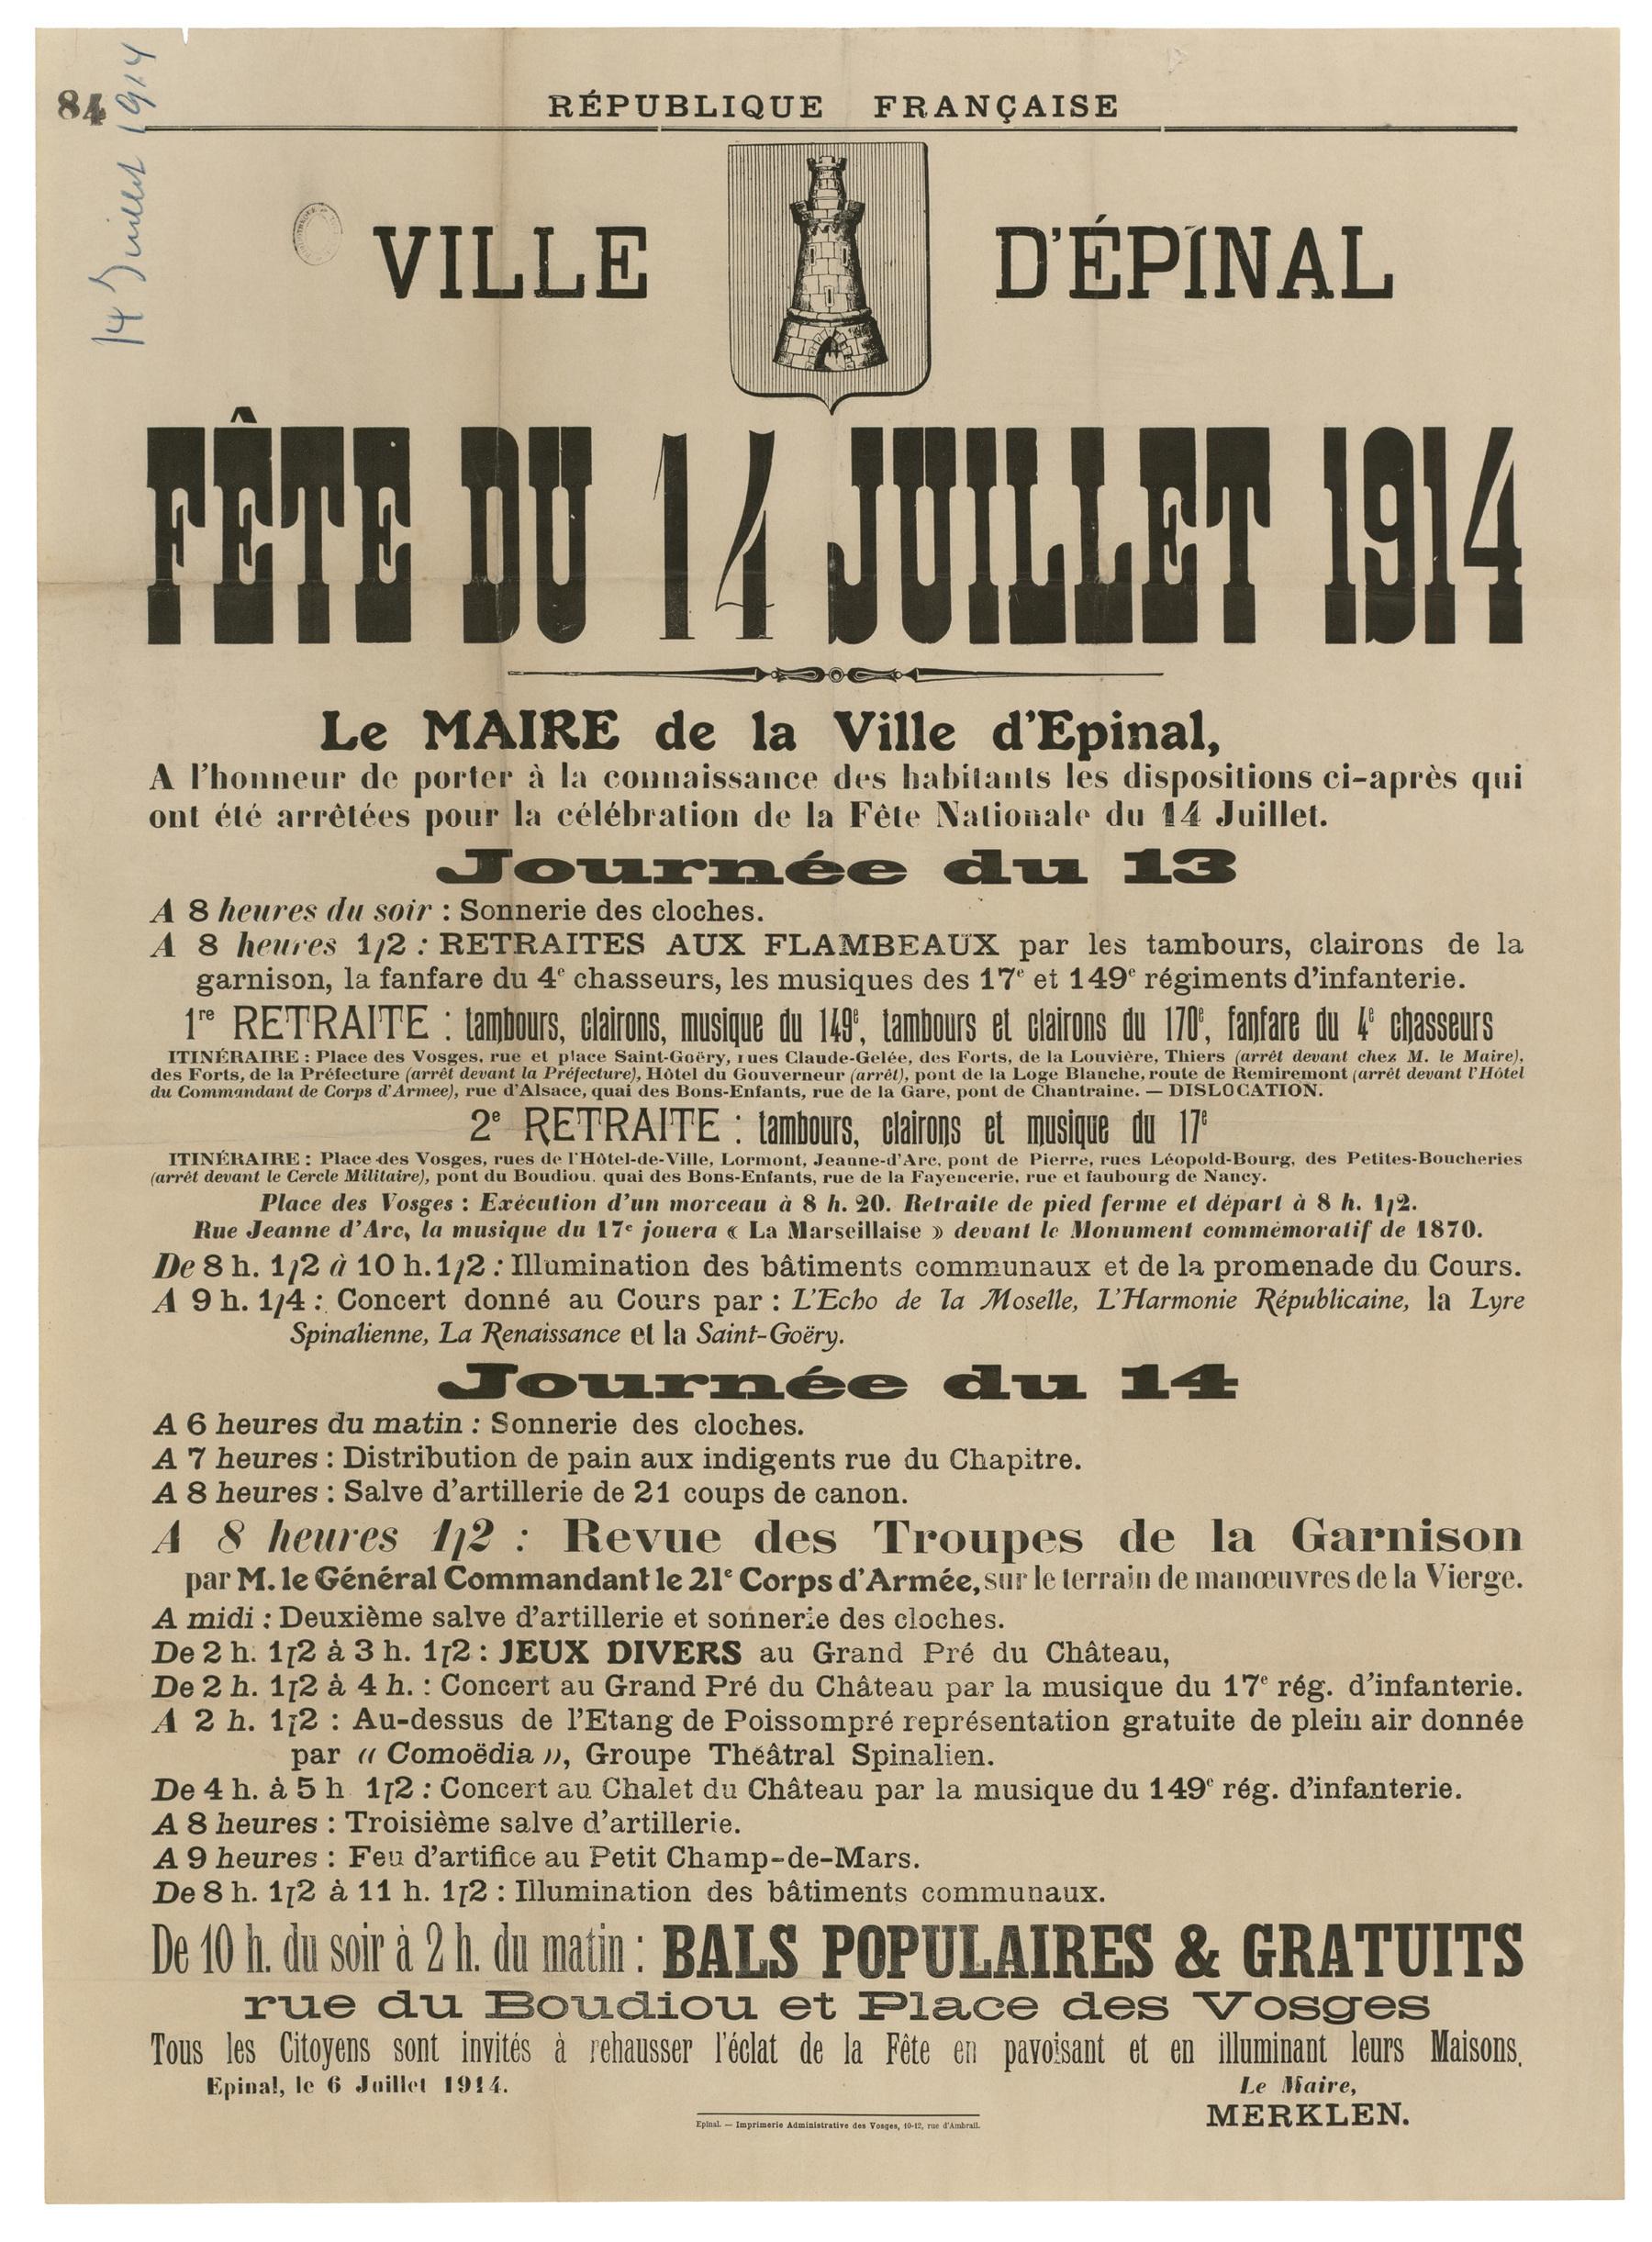 Contenu du Affiche de la fête du 14 juillet 1914 à Épinal